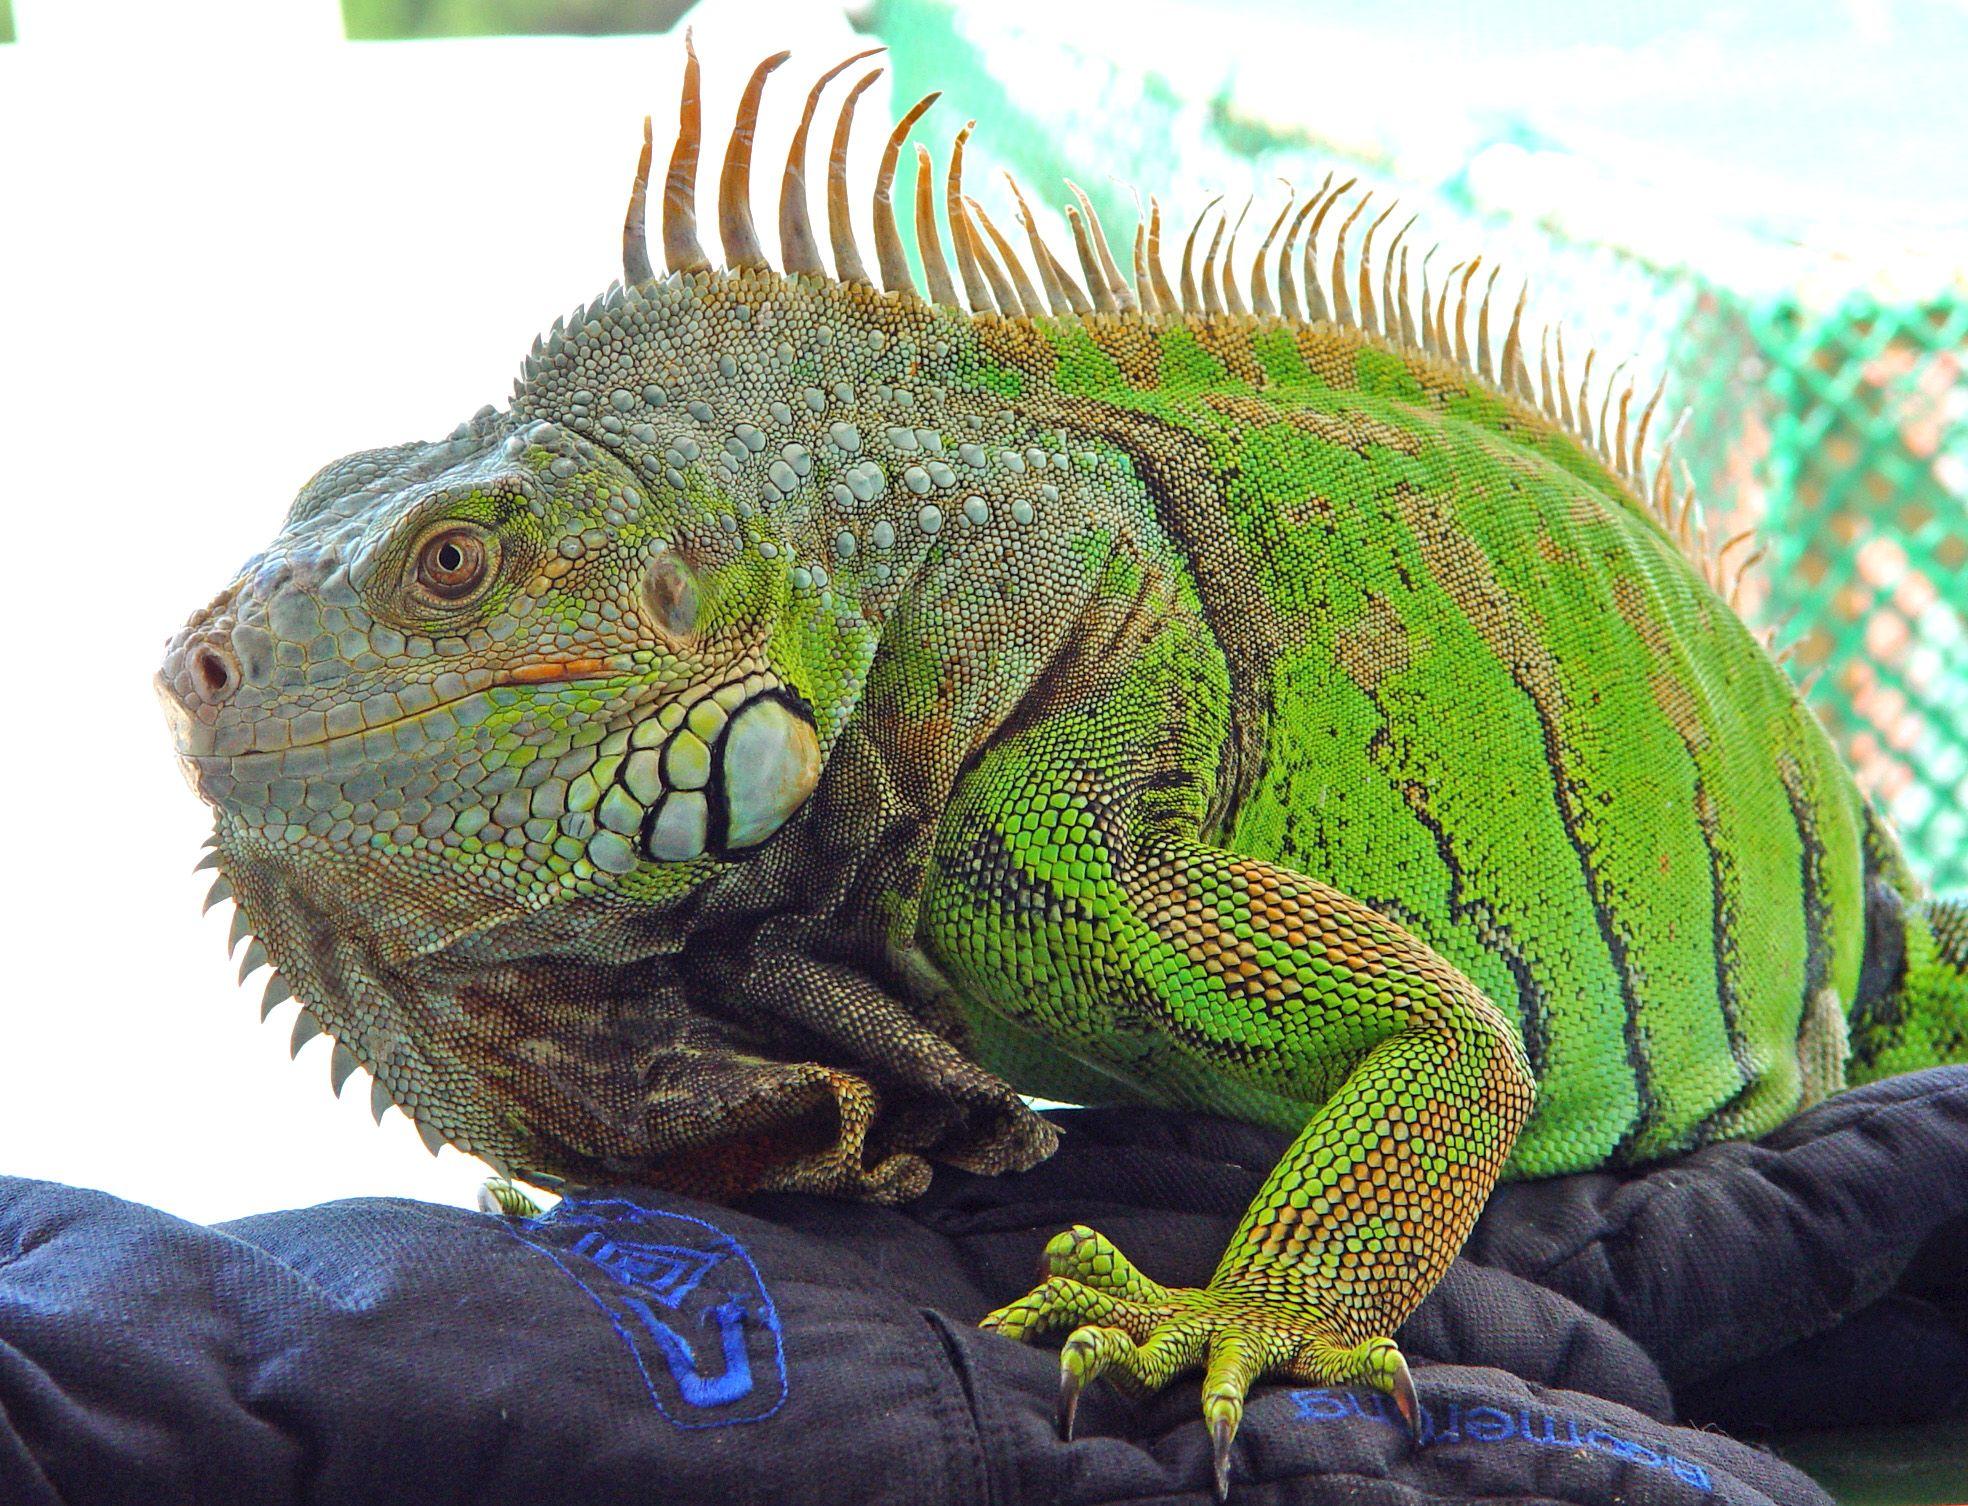 Iguanas Iguanas Iguanas What To Do About Those Pesky Creatures Pet Lizards Green Iguana Lizard